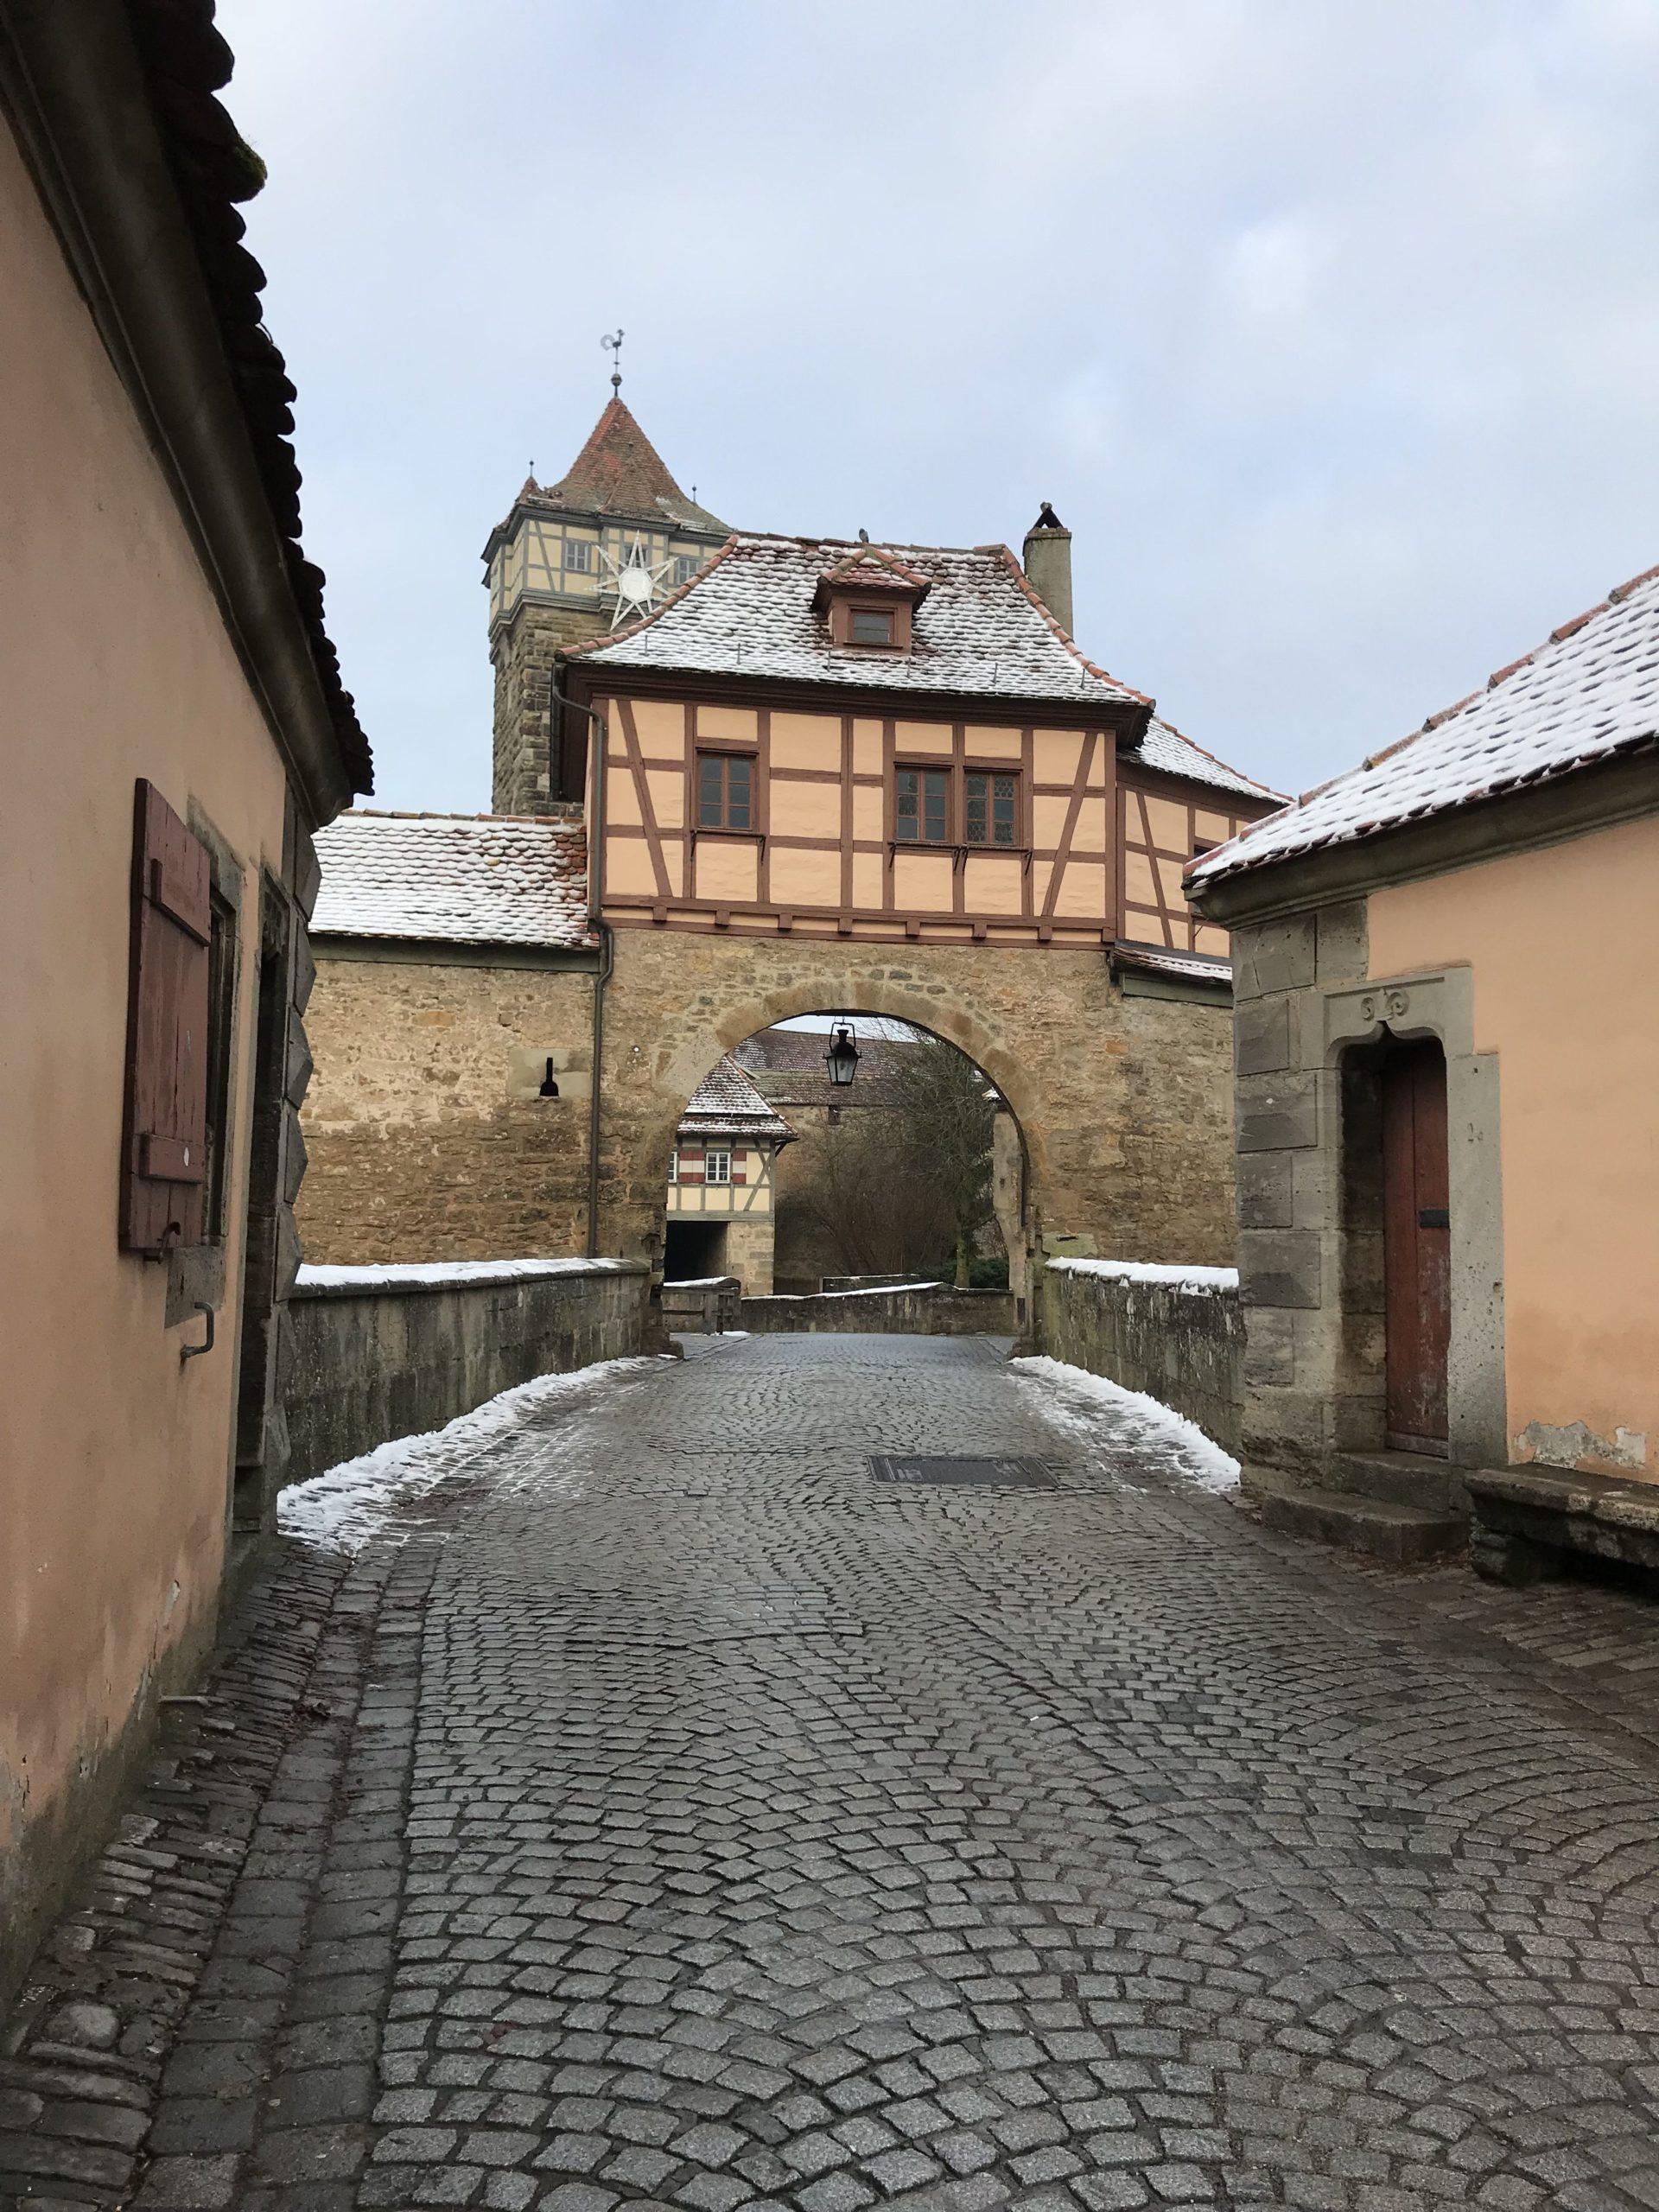 ローテンブルク 中世おとぎの街の入り口